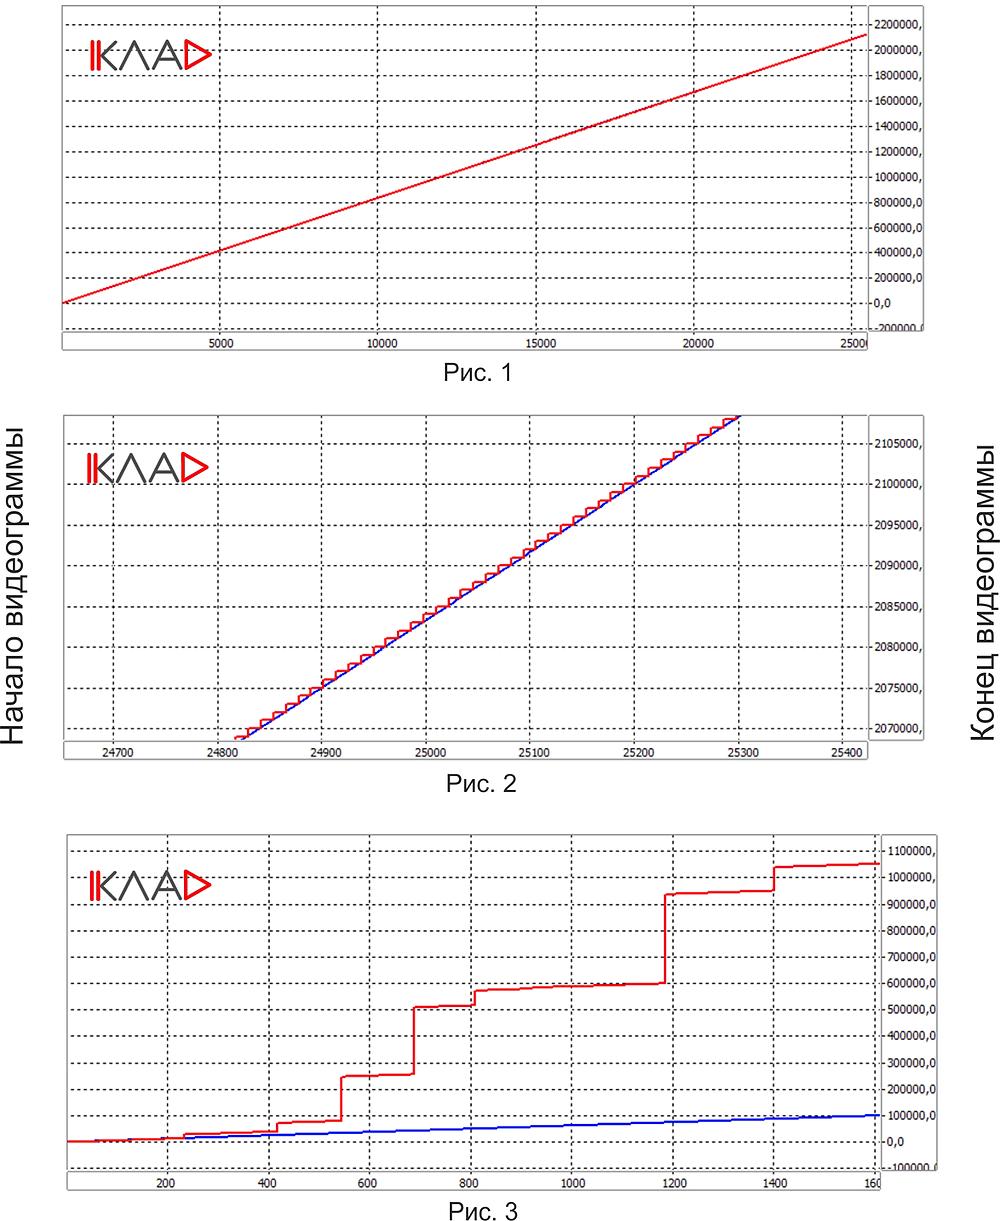 графики изменения времени на видеограмме